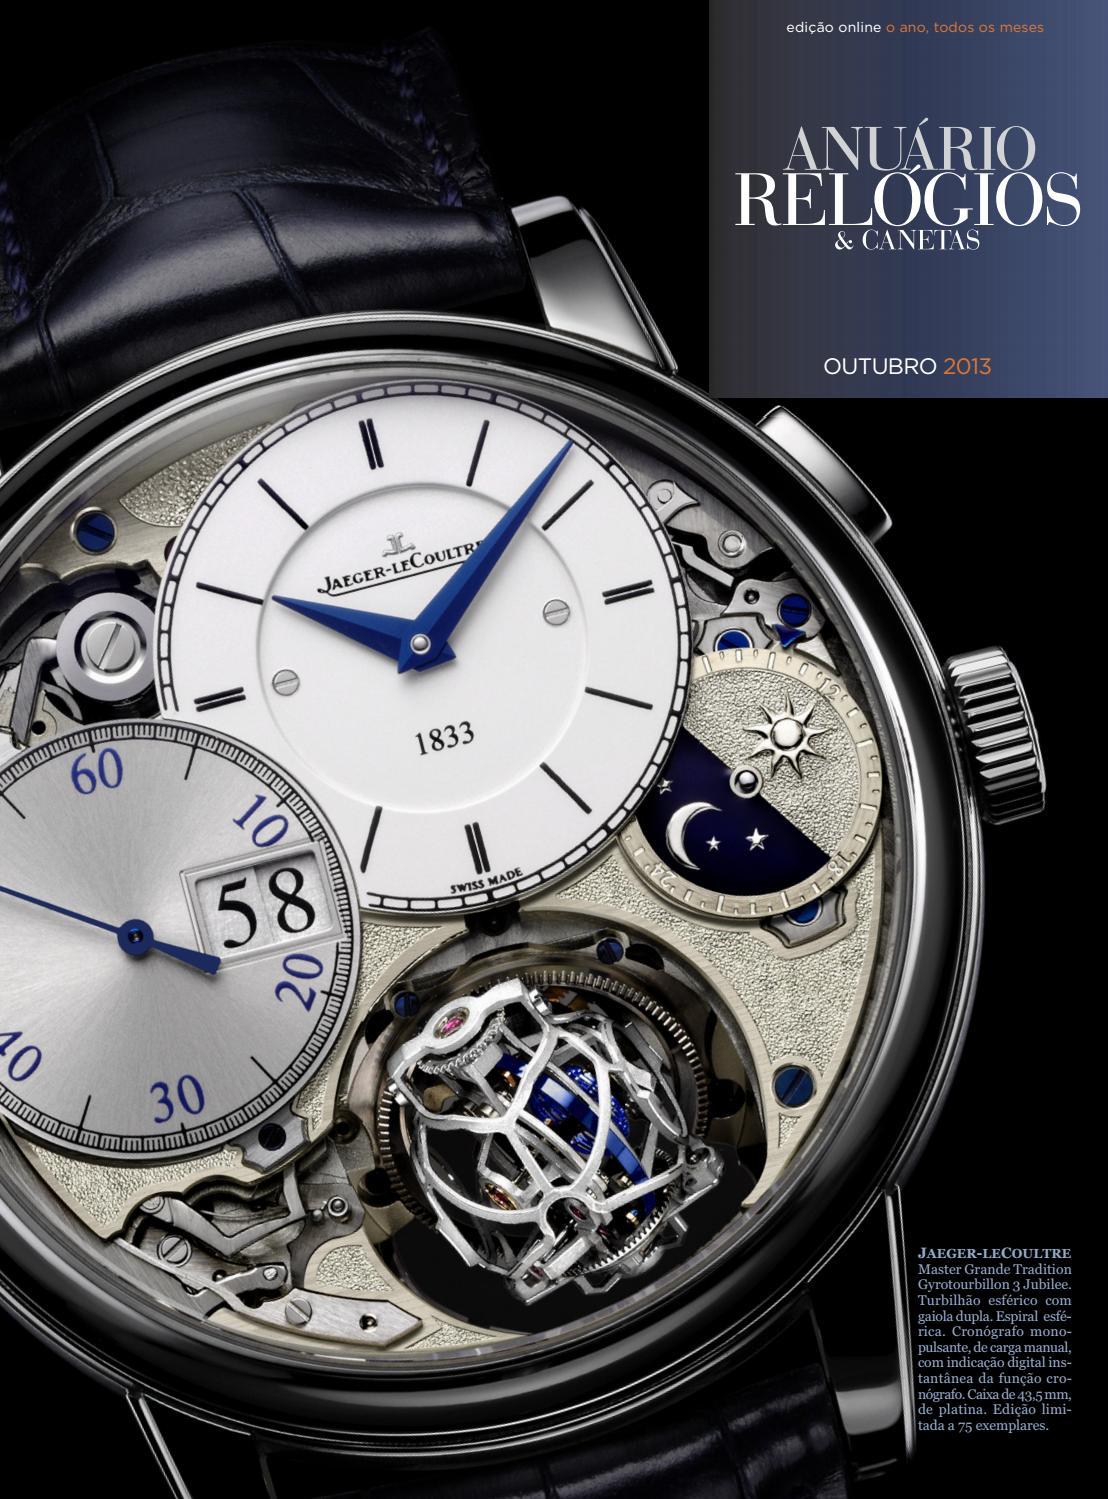 e44d41a3848 Anuário Relógios   Canetas - Outubro 2013 by Anuário Relógios   Canetas -  issuu